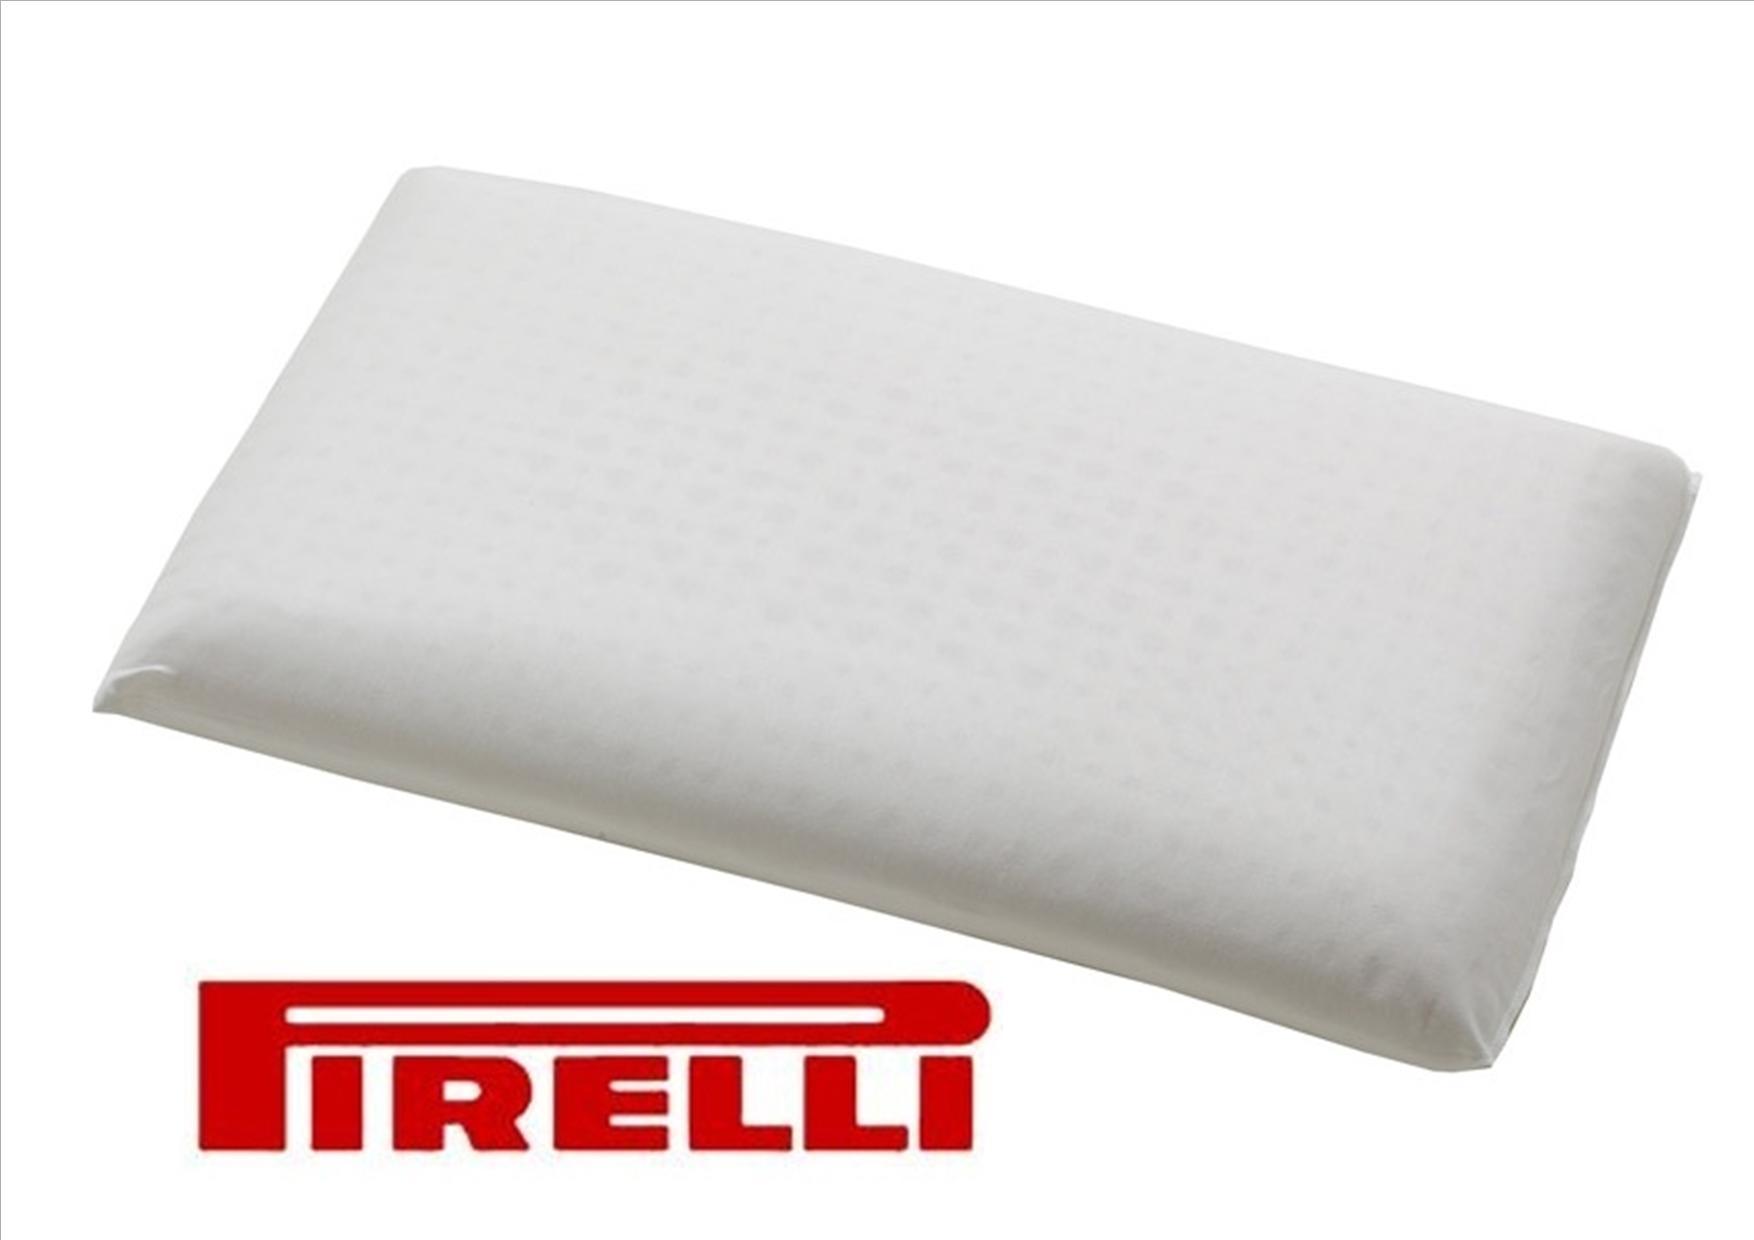 Materassi Pirelli Memory Foam.Pirelli Materassi Tutte Le Offerte Cascare A Fagiolo